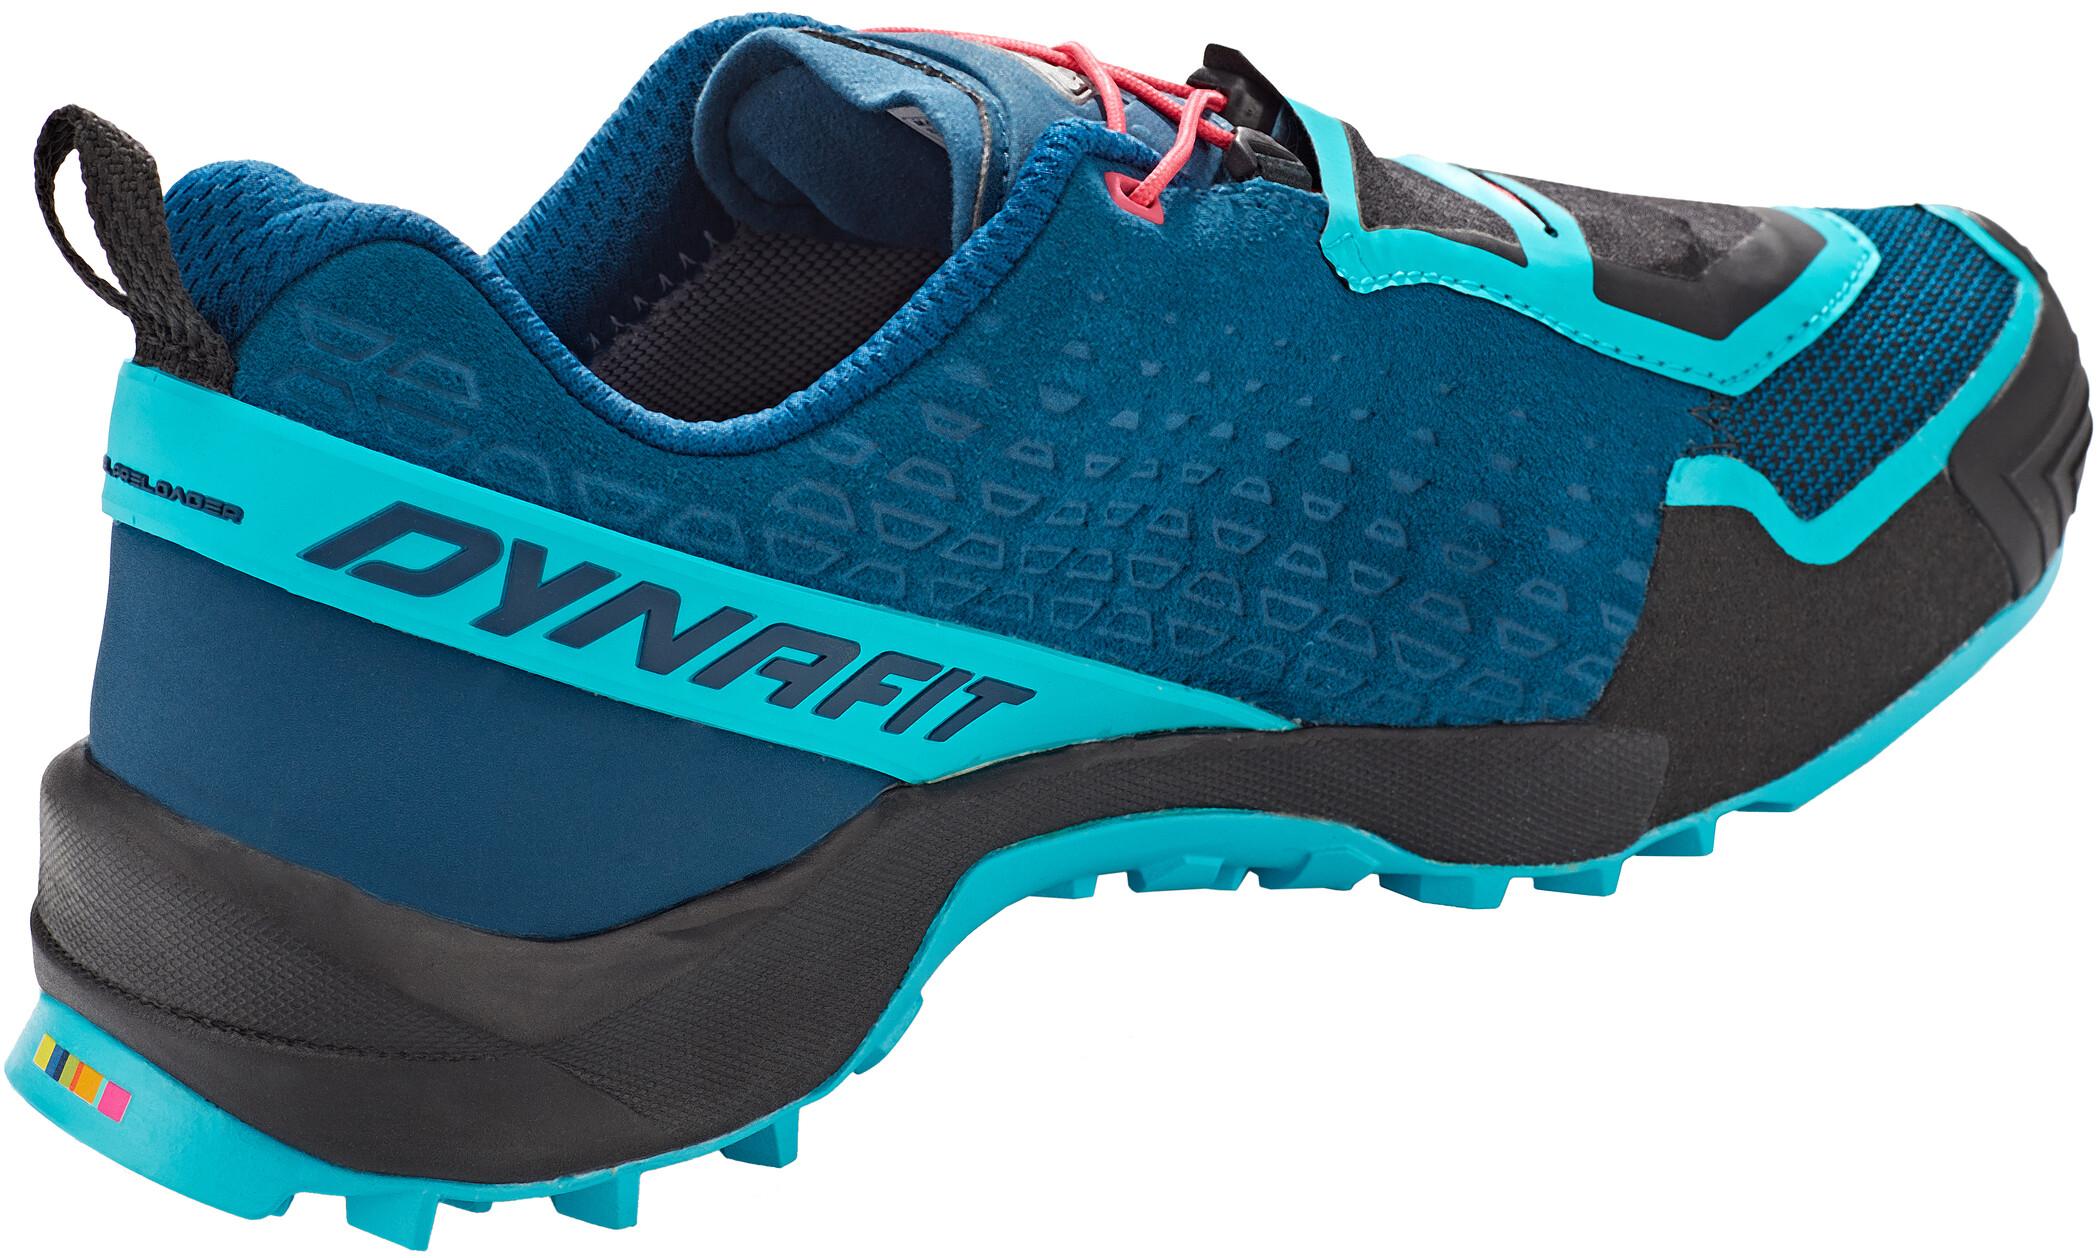 Dynafit Speed MTN GTX Shoes Women poseidonsilvretta